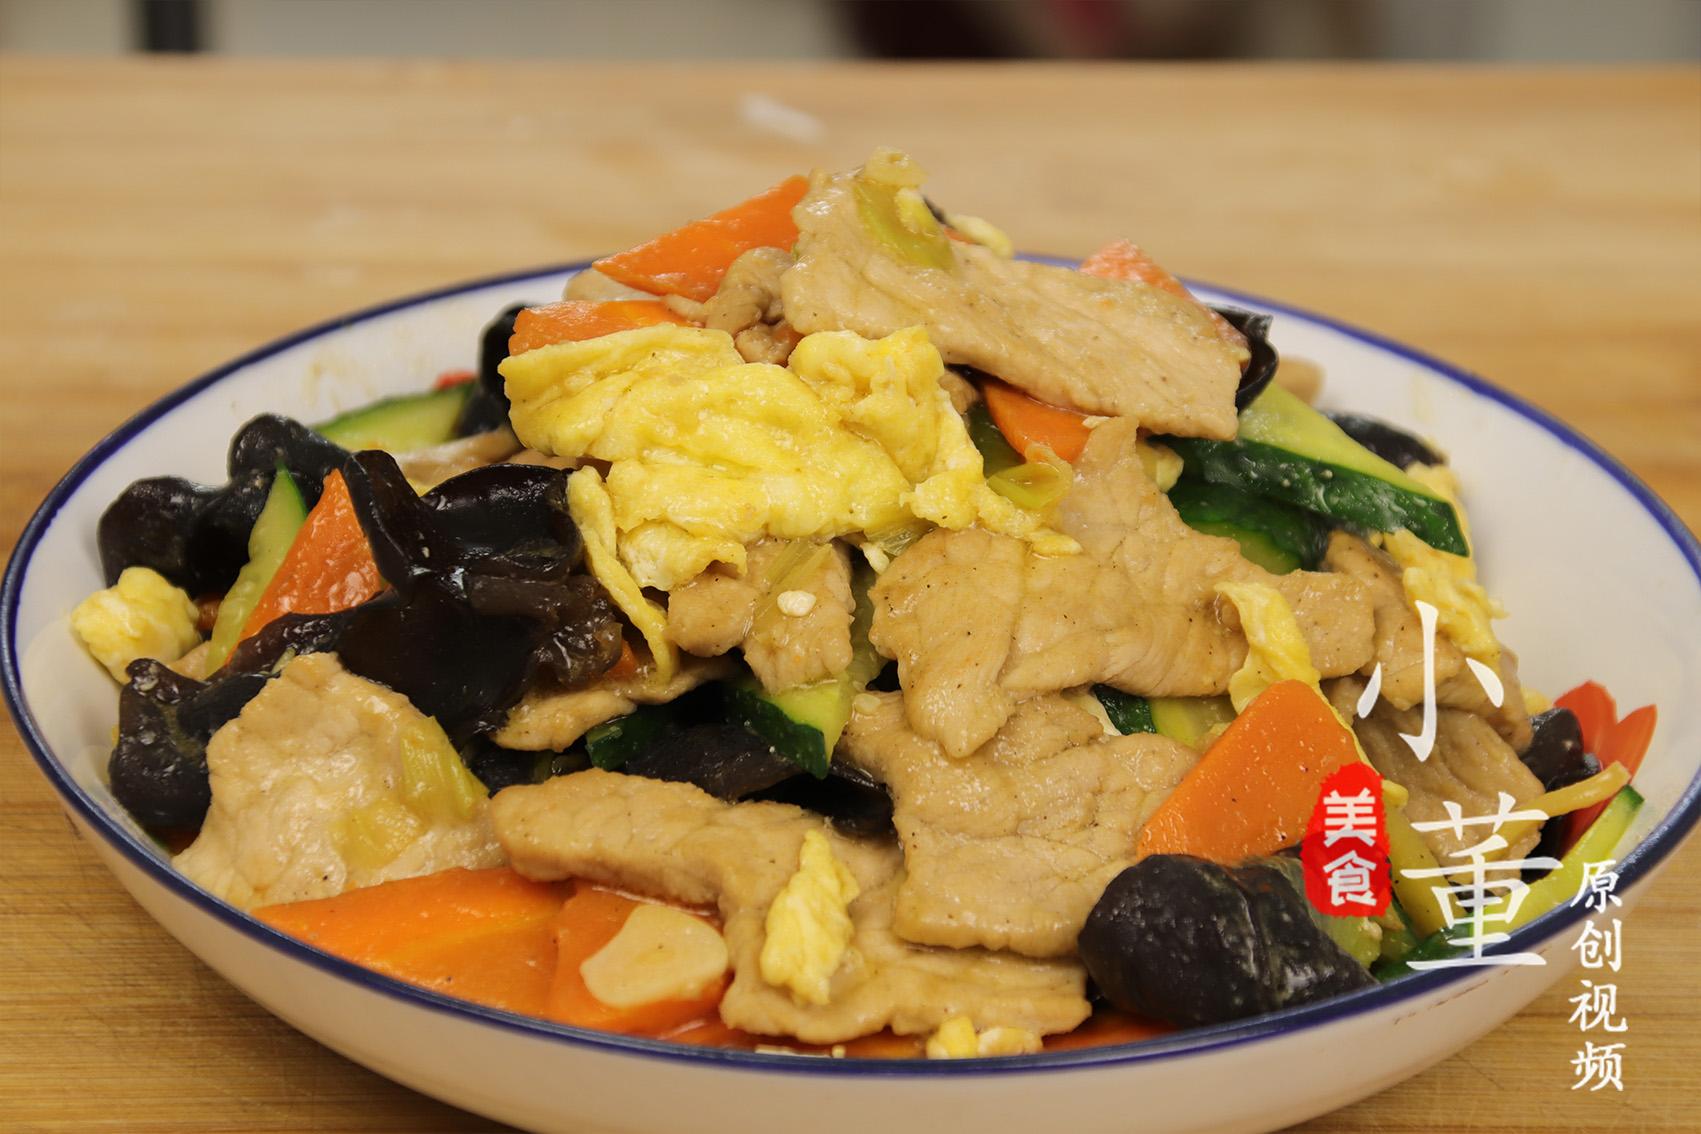 8道家常菜做法,每天换着做,好吃不重样,天天好胃口 美食做法 第1张